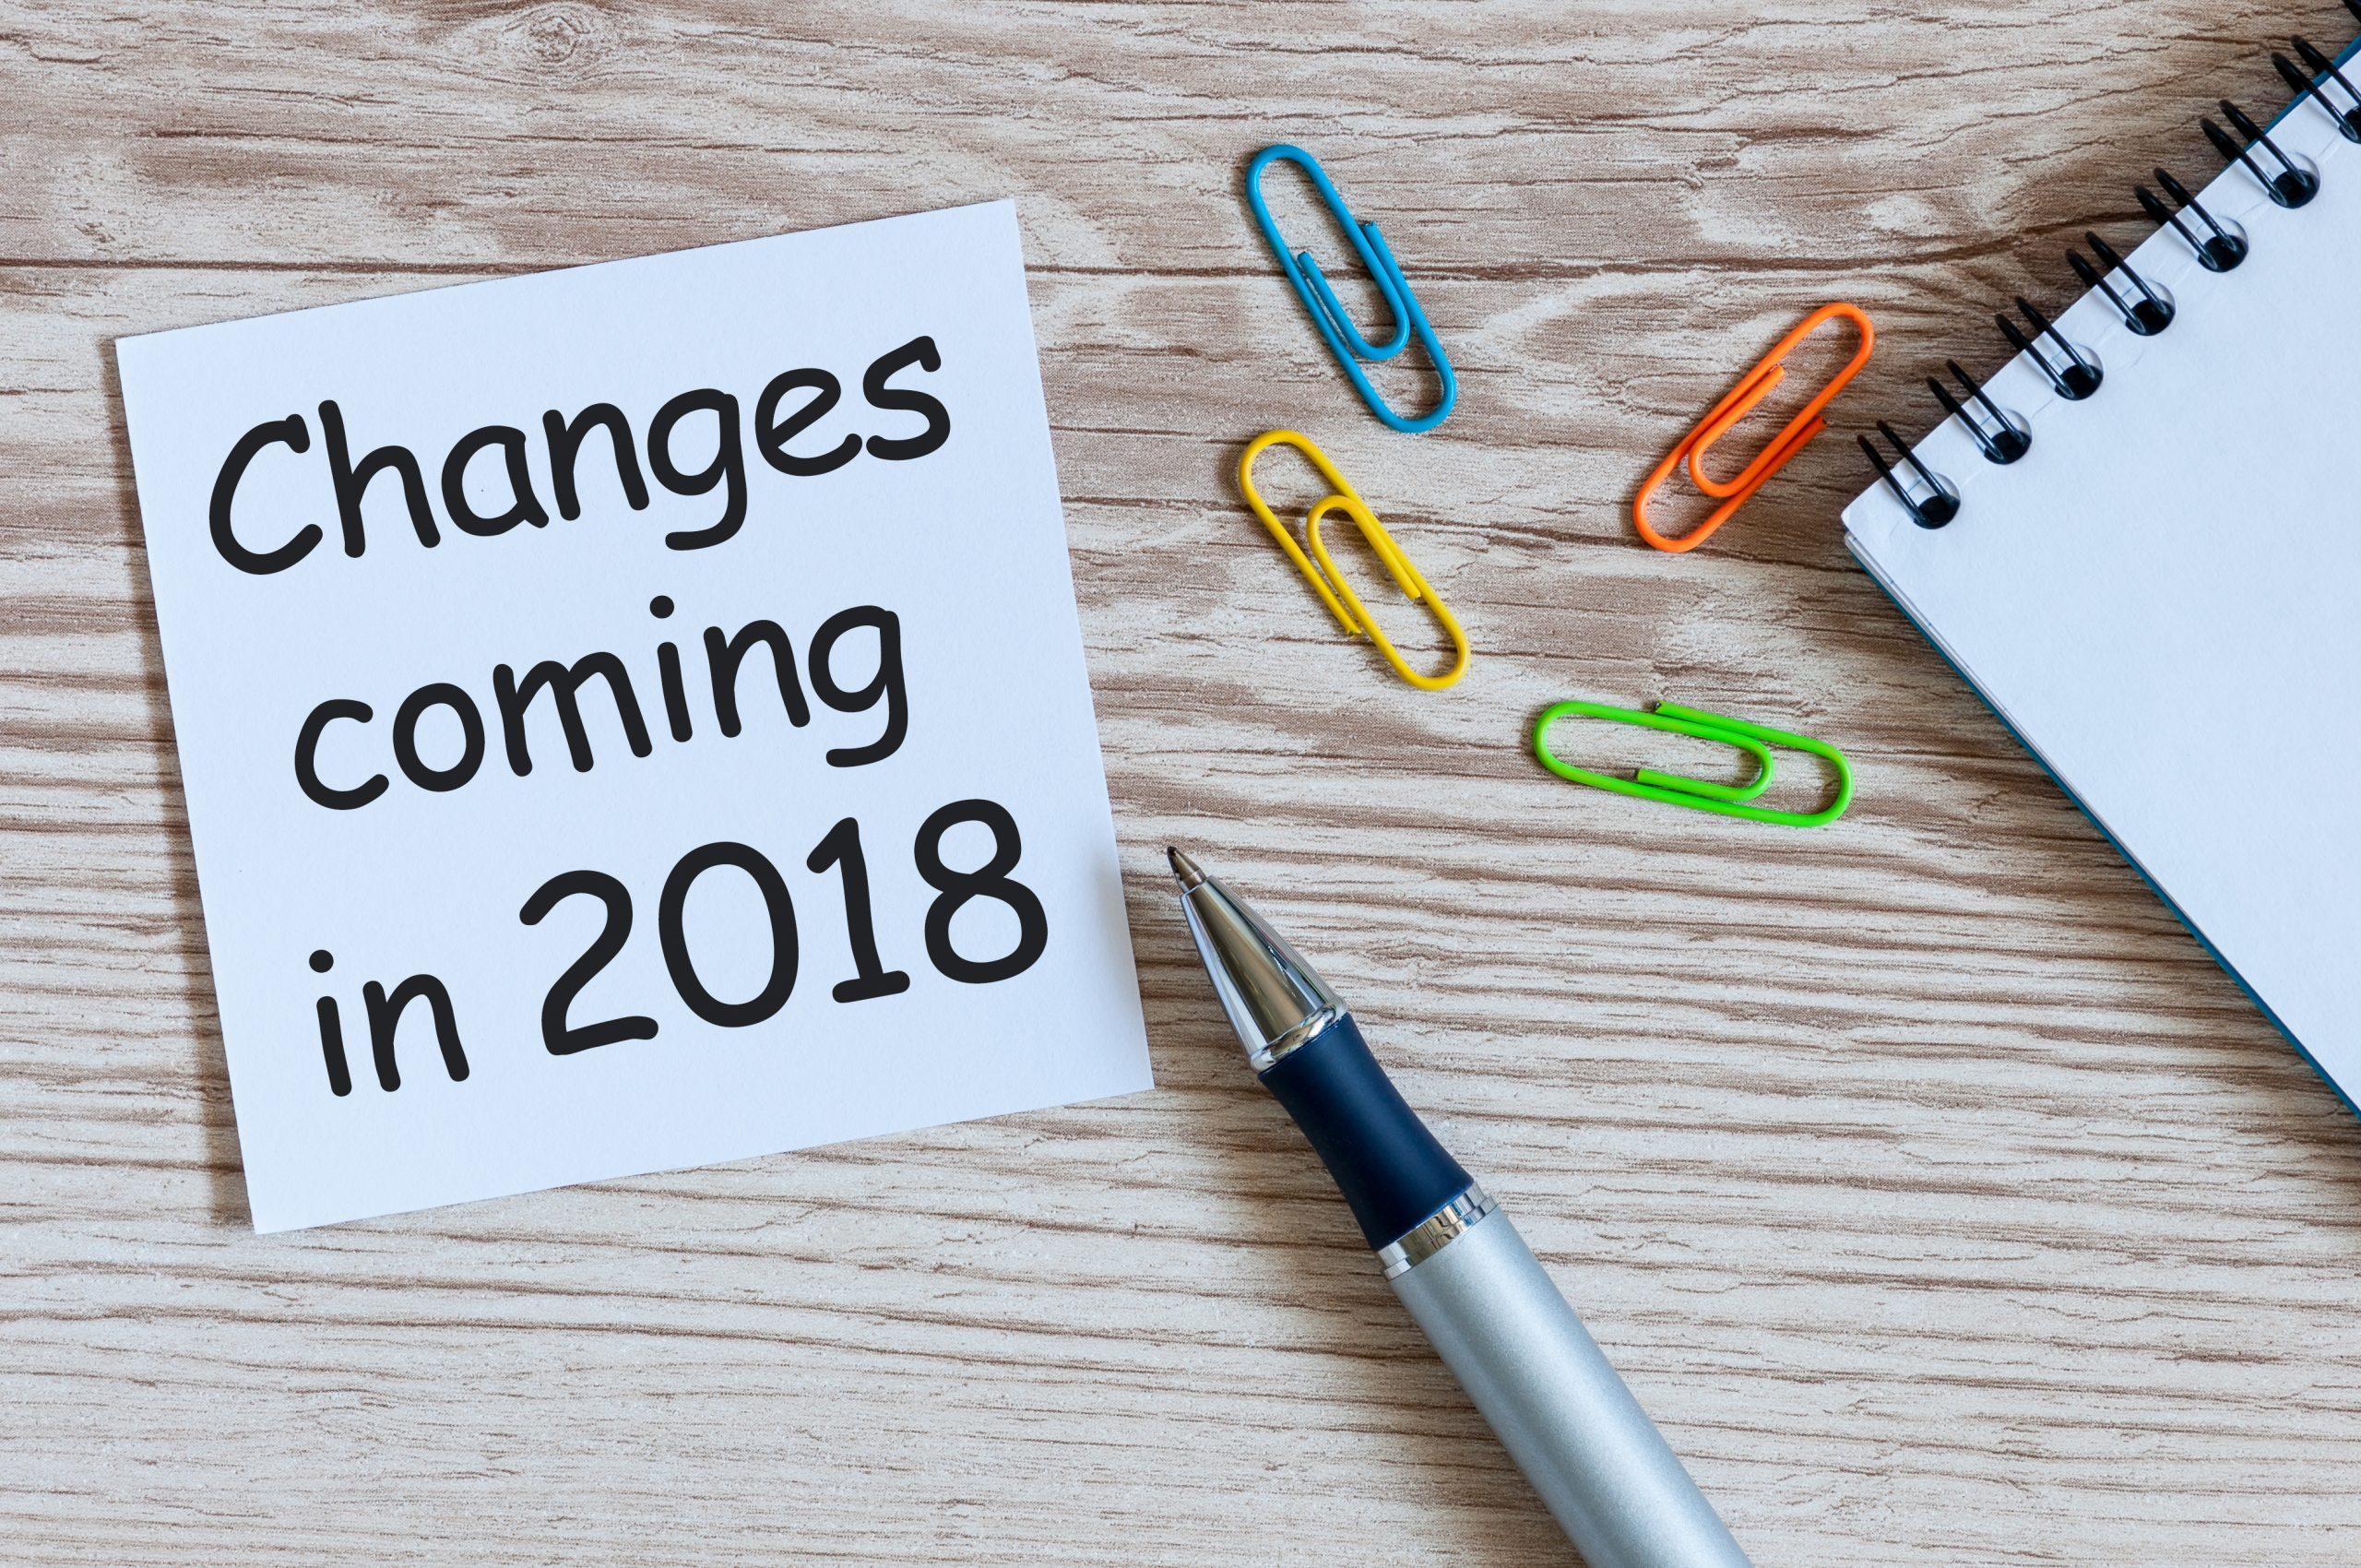 Changes in legislation for 2018